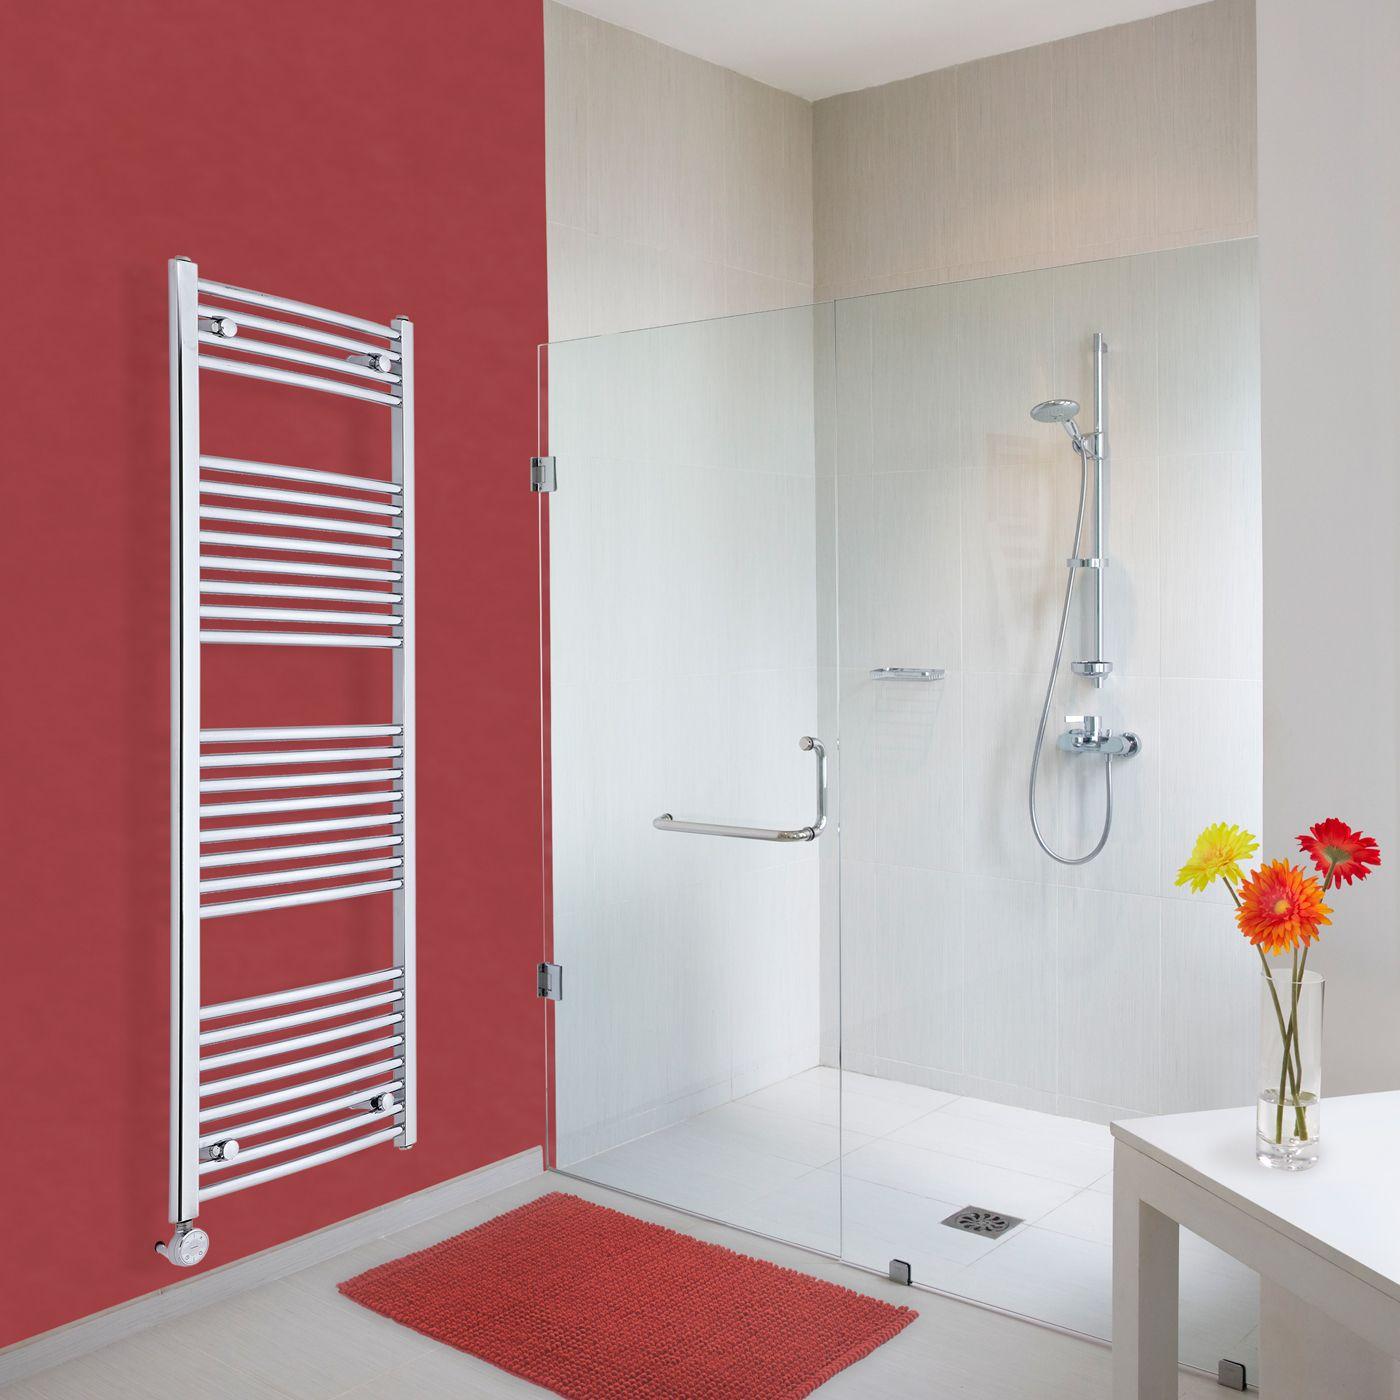 hudson reed s che serviettes lectrique incurv chrom ischia 150cm x 50cm x 4 5cm. Black Bedroom Furniture Sets. Home Design Ideas